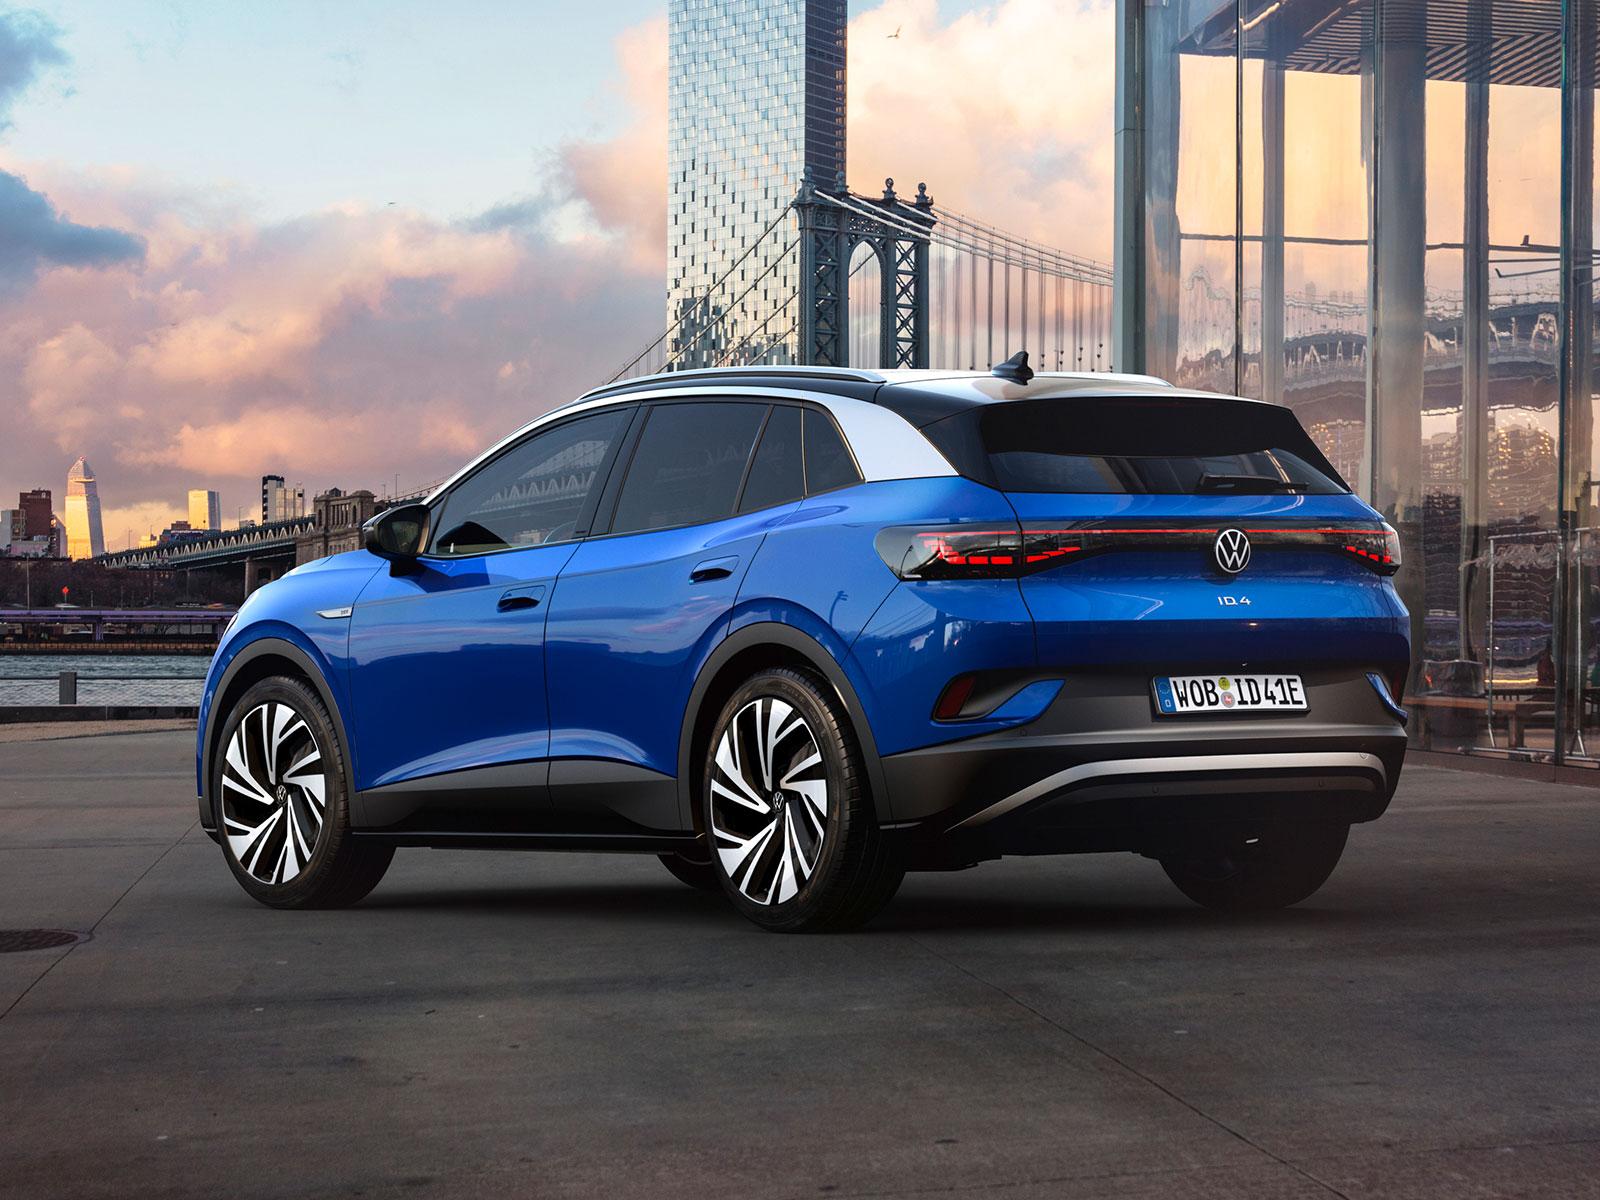 Der neue VW ID.4 - AutoGuru.at